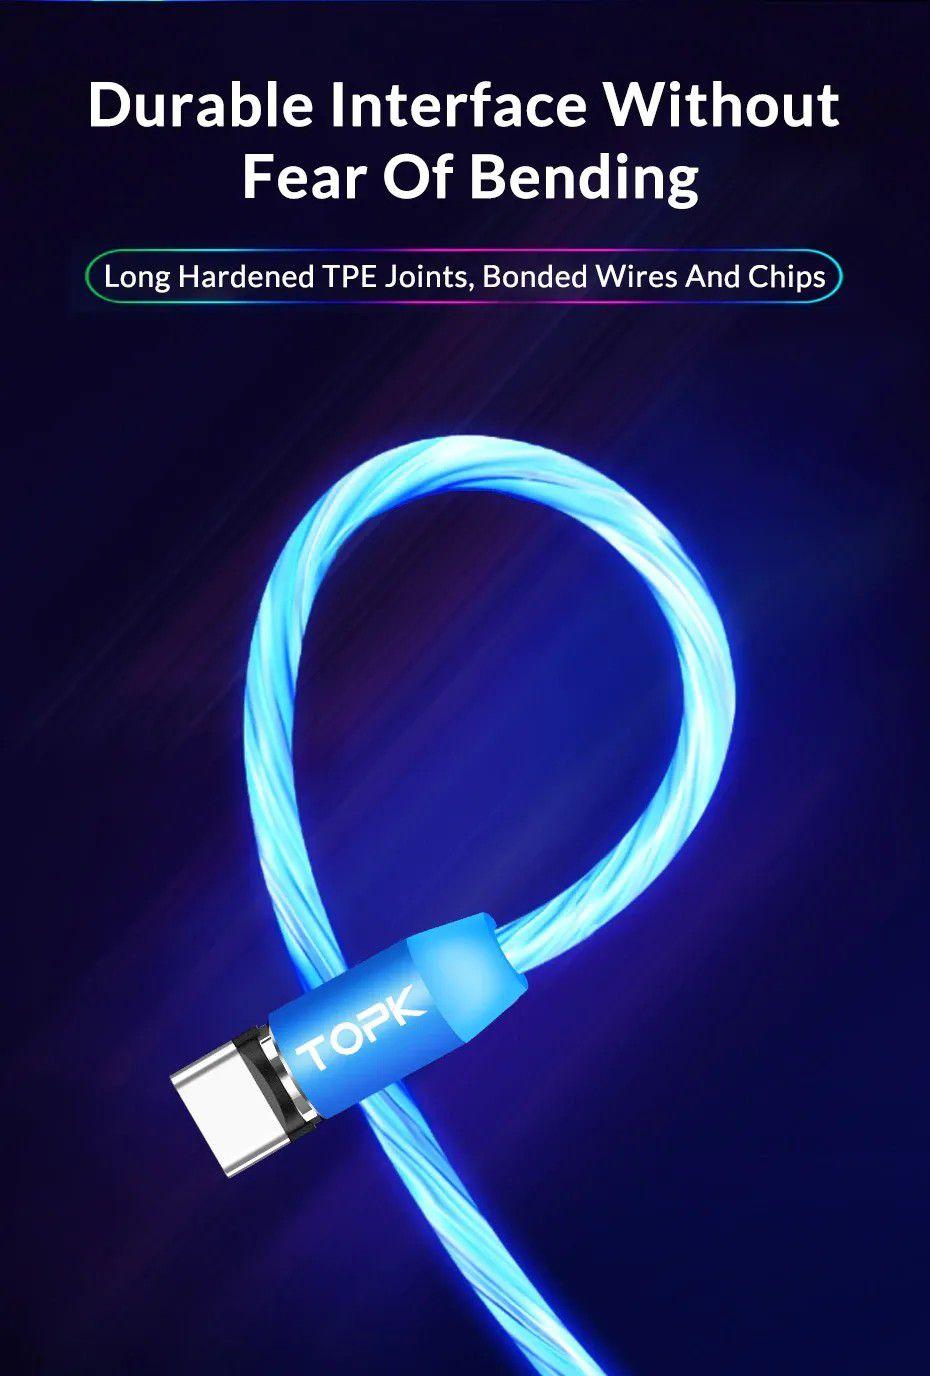 Cabo Magnético LED iluminado - Micro USB, Tipo-C ou Lightning para iPhone - Azul, Vermelho, Verde ou RGB